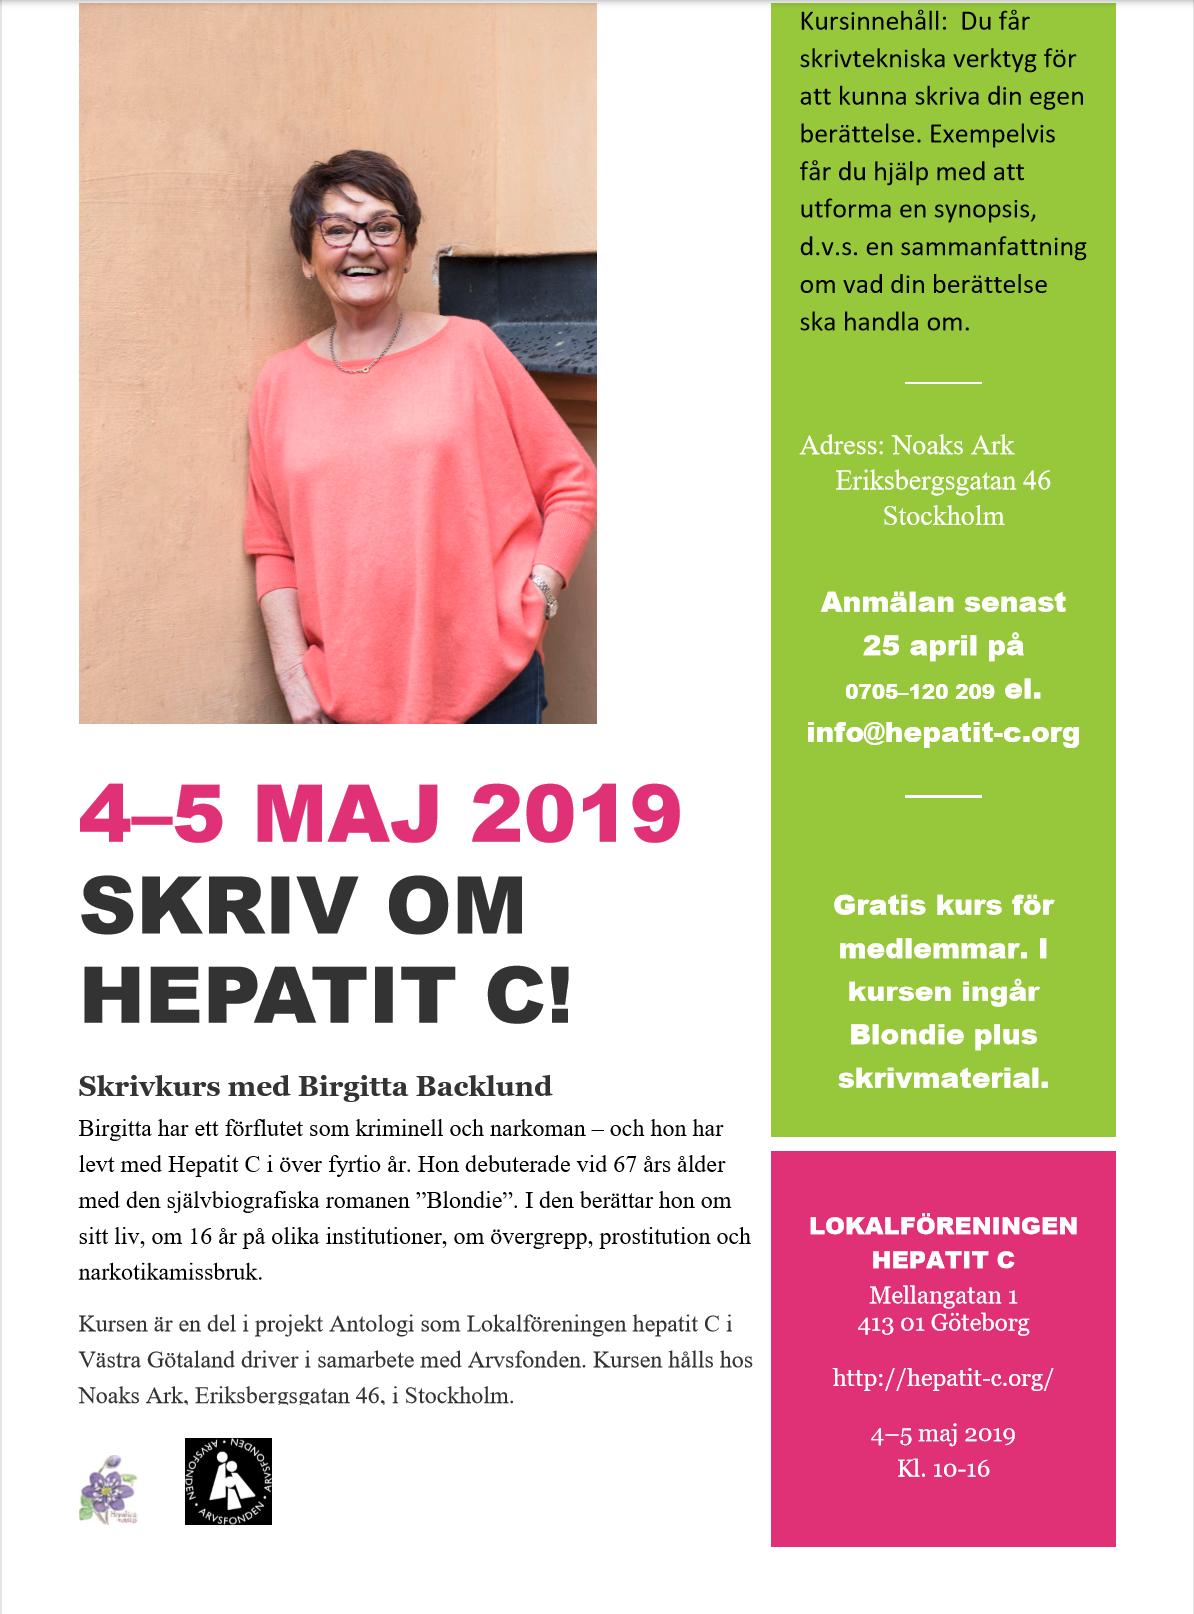 Skrivkurs med Birgitta Backlund 4-5 maj 2019